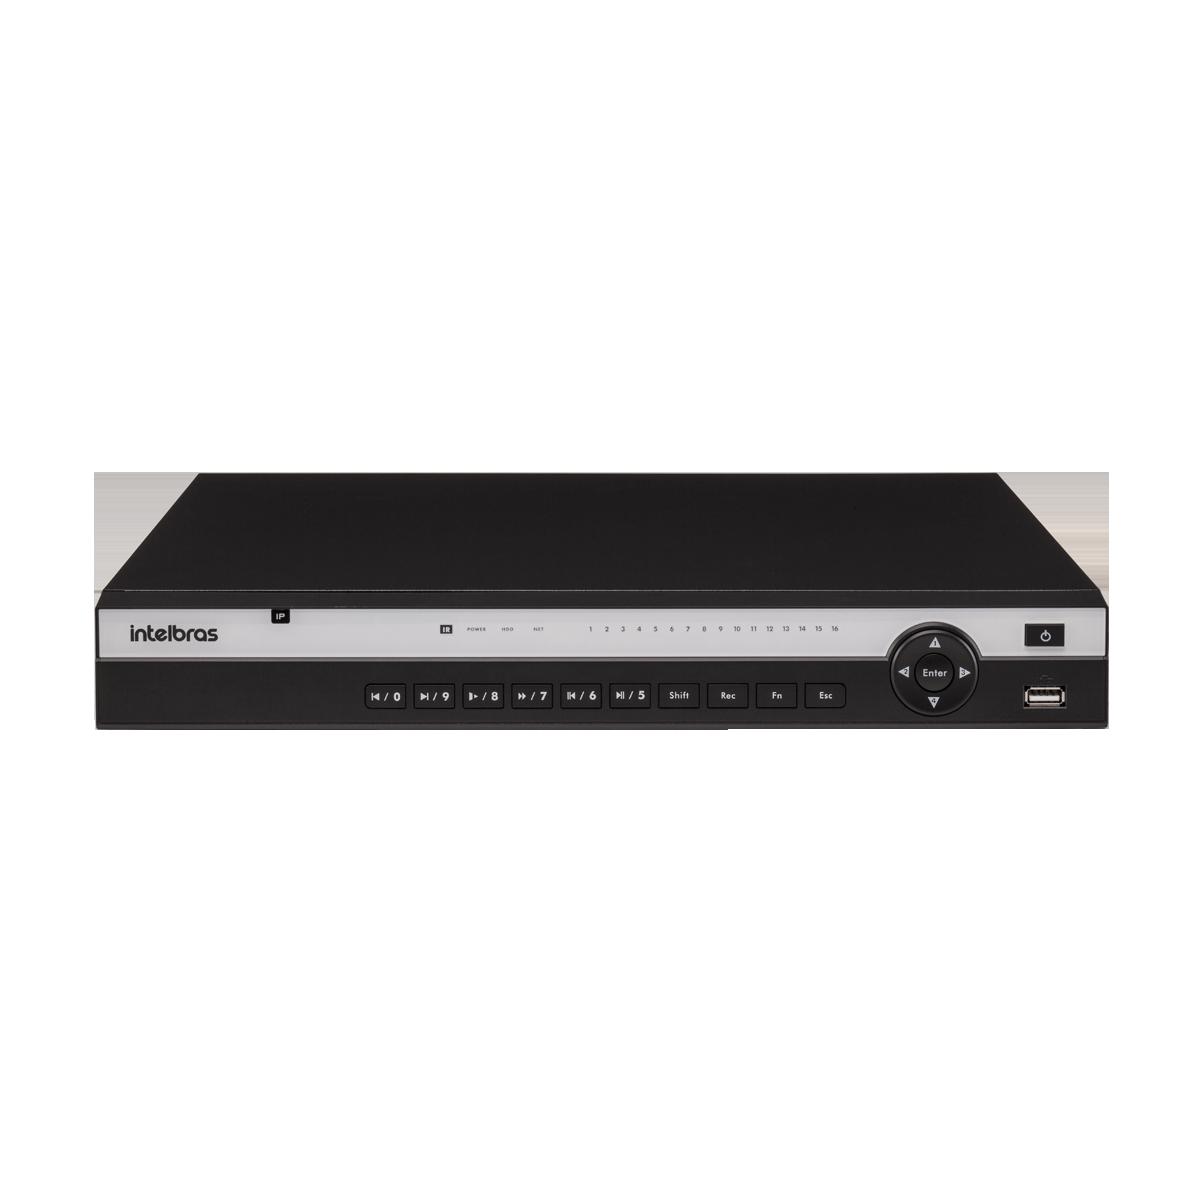 NVD 3116 P COM HD 1TB - GRAV. DIG. DE VÍDEO EM REDE PARA ATÉ 16 CANAIS IP EM FULL HD @ 30 FPS, COM 16 PORTAS POE, INTELIGÊNCIA DE VÍDEO EM TODOS OS CANAIS, H.265, SUPORTE PARA 2HDS E SUPORTA CÂMERAS C  - Sandercomp Virtual